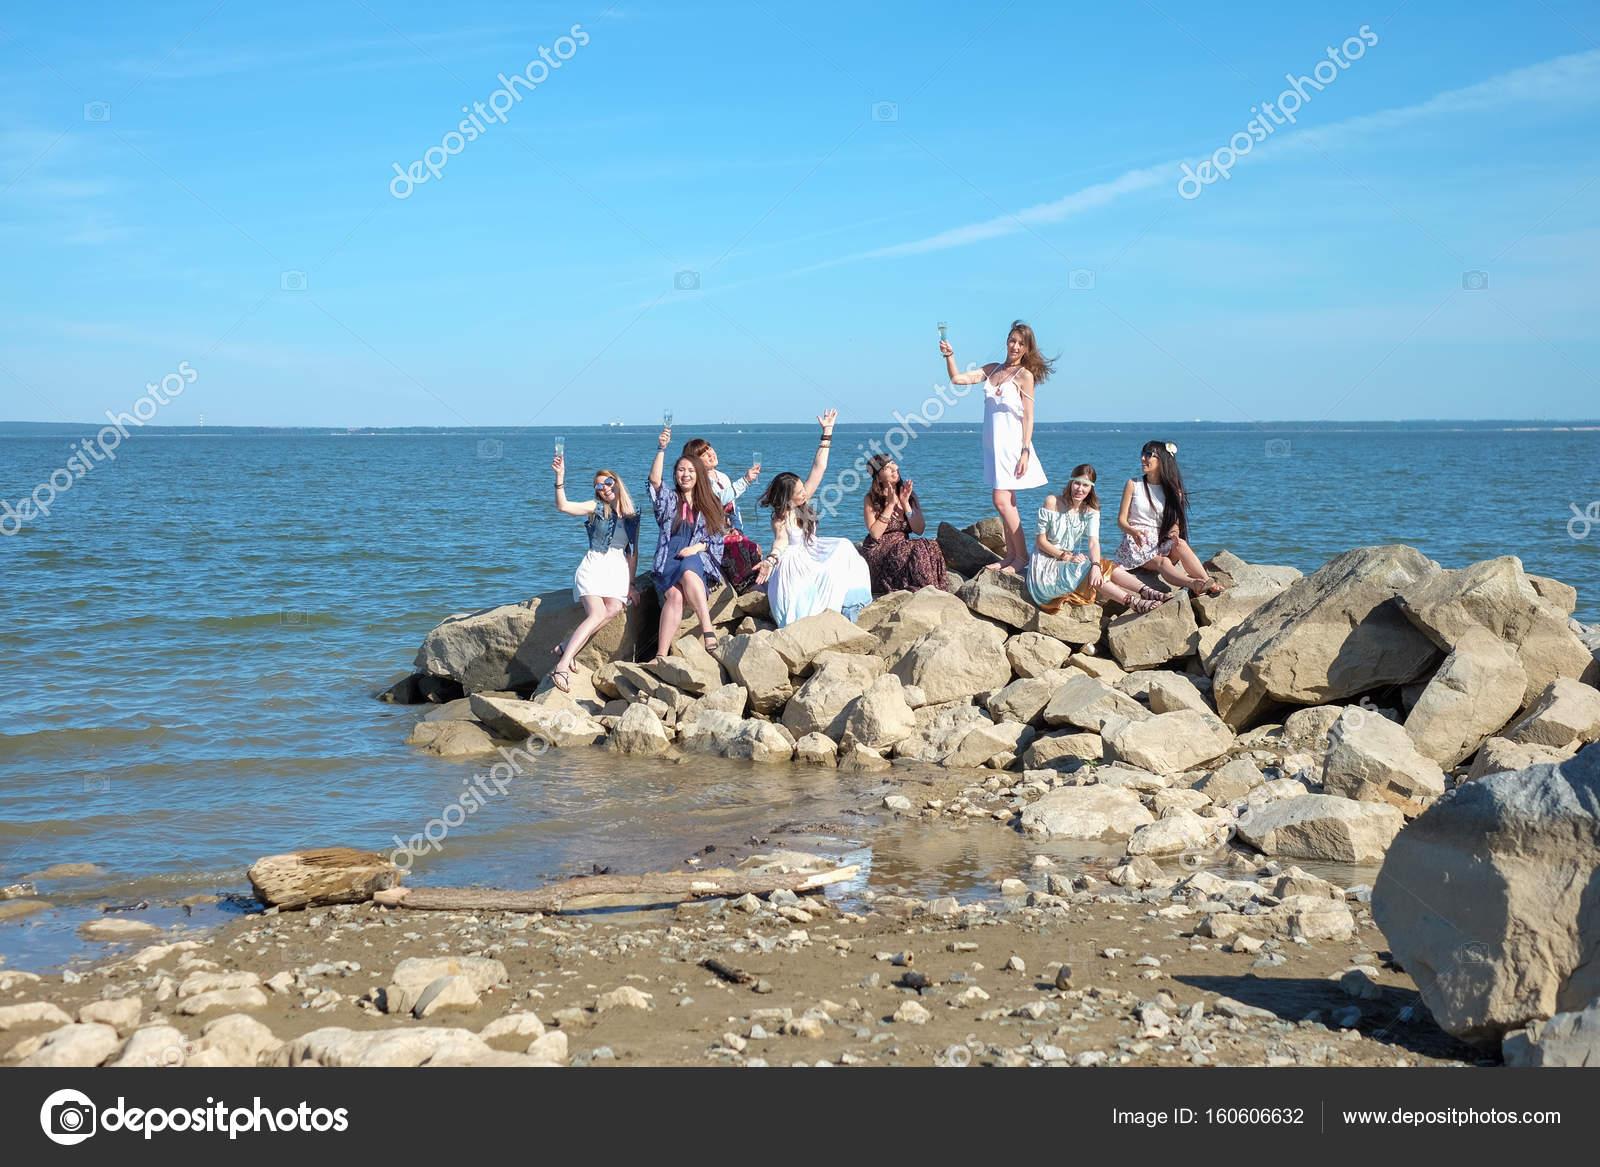 Лето, девушки, пляж и так далее. » Поржать. ру 13